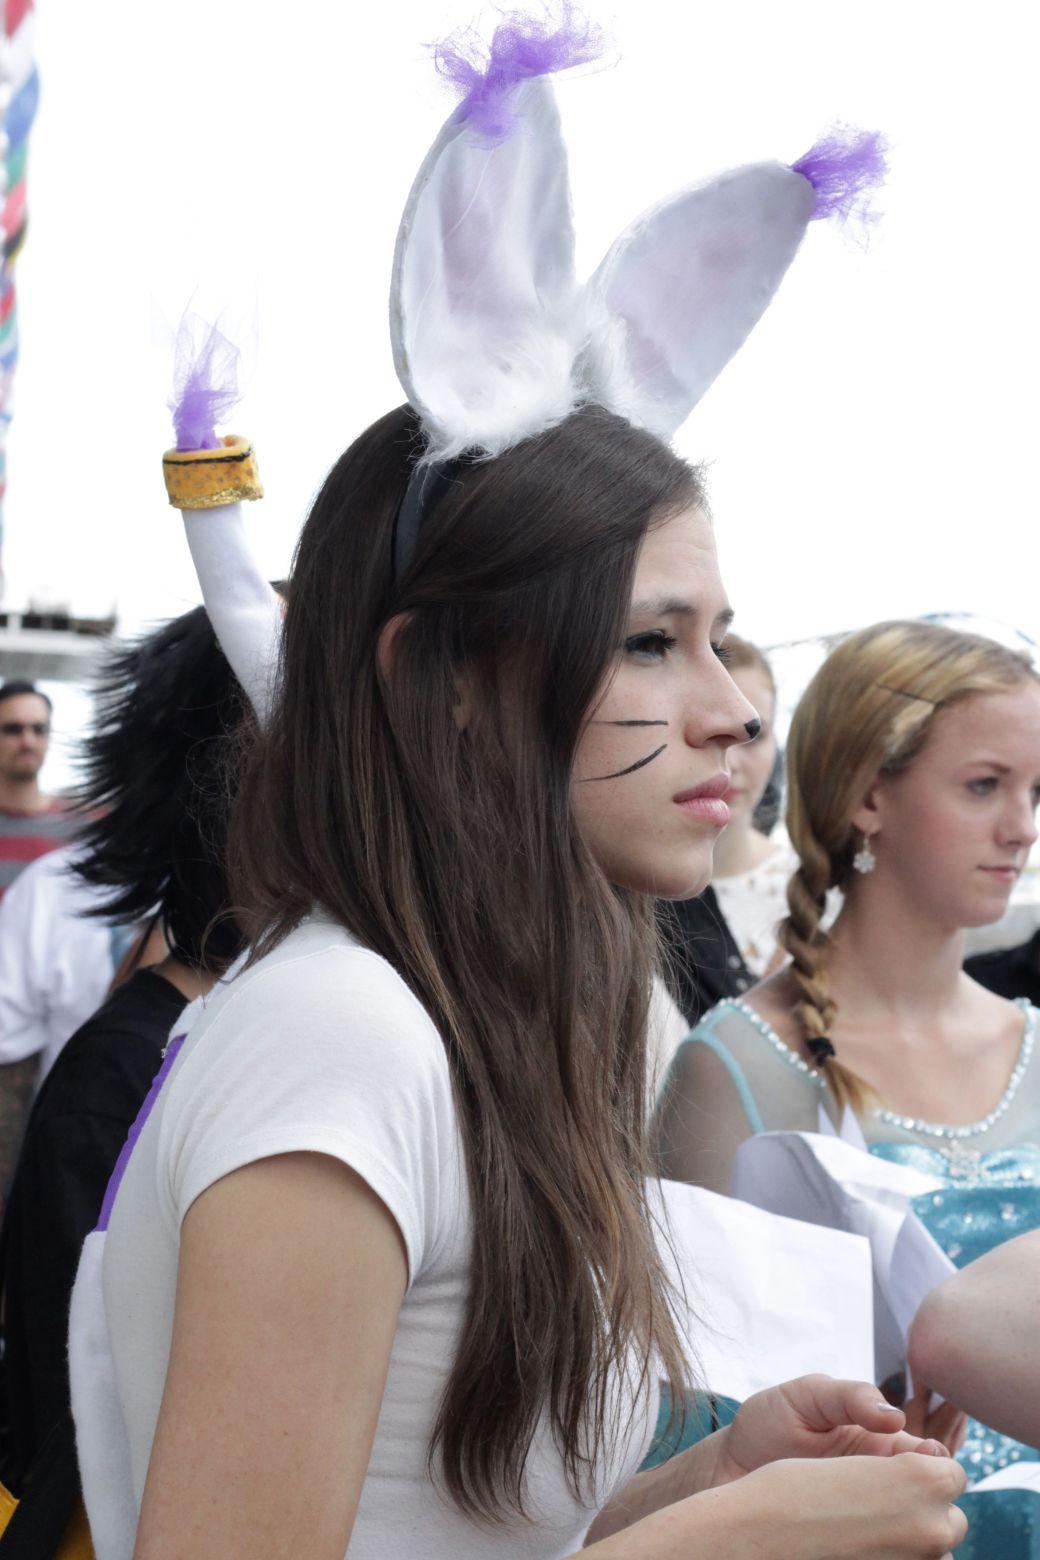 boston comic con august 8 costumes 4